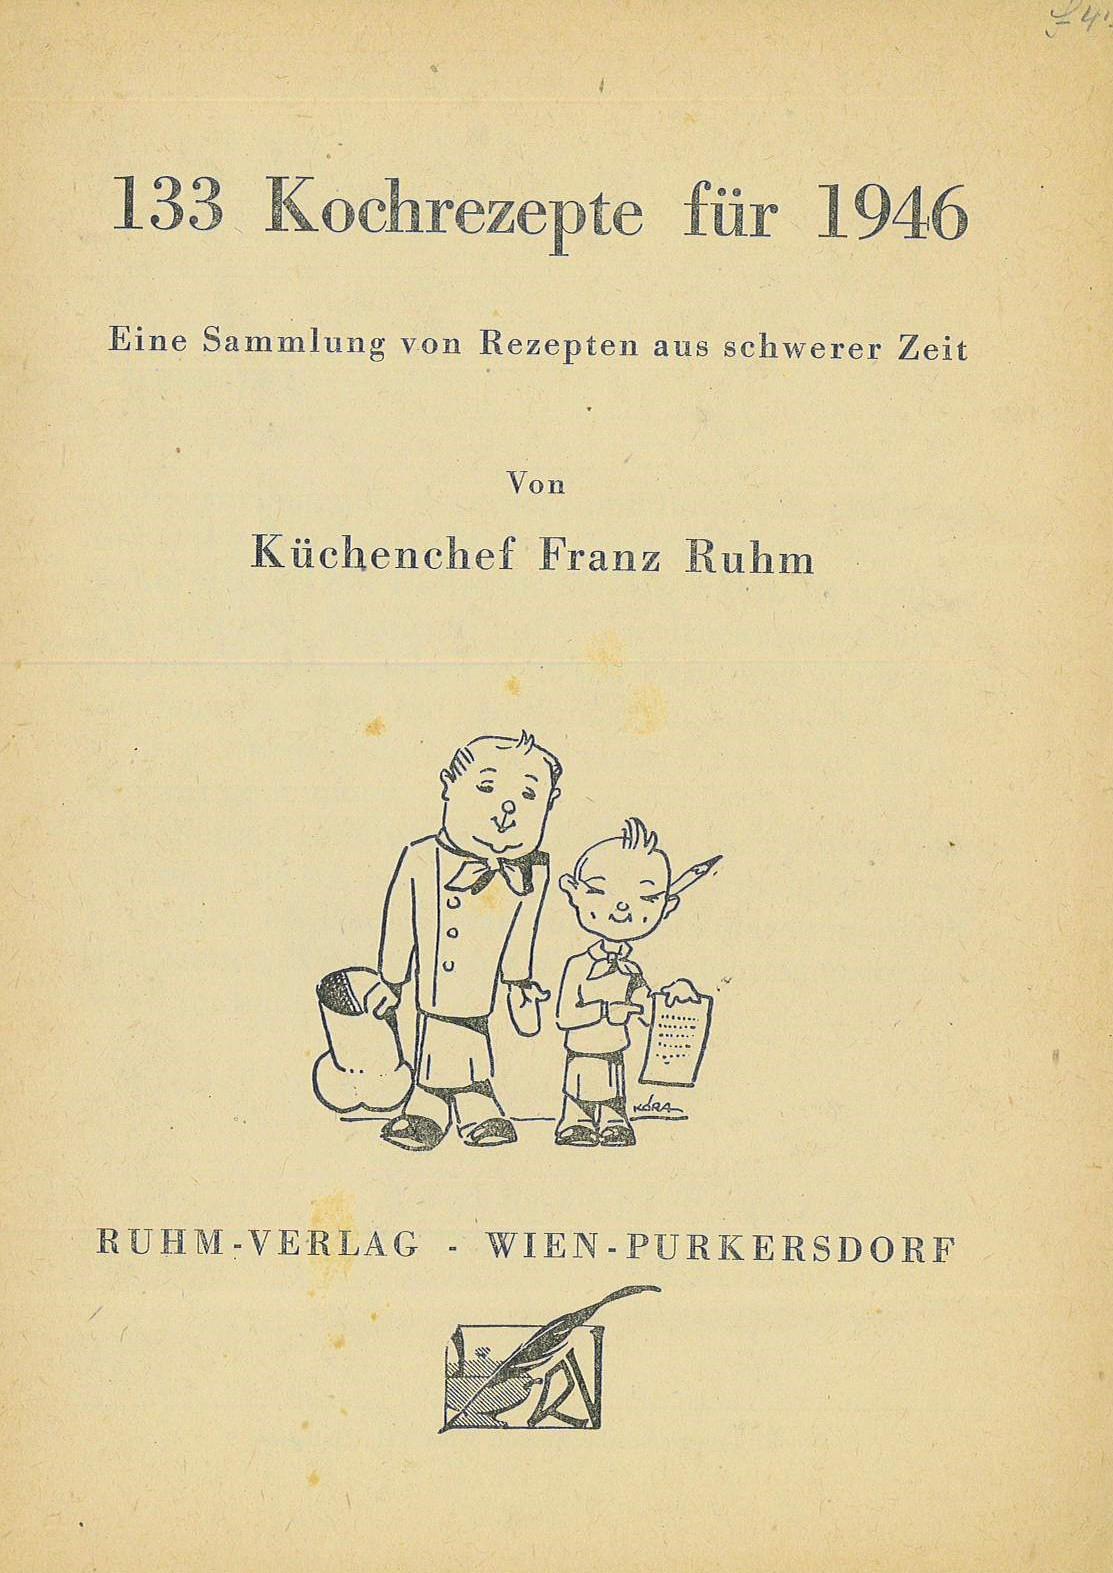 """Die Abbildung ist das Buchcover von """"133 Kochrezepte für 1946"""", das neben den bibliographischen Angaben eine Zeichnung mit zwei als Köche stilisierten Personen zeigt."""